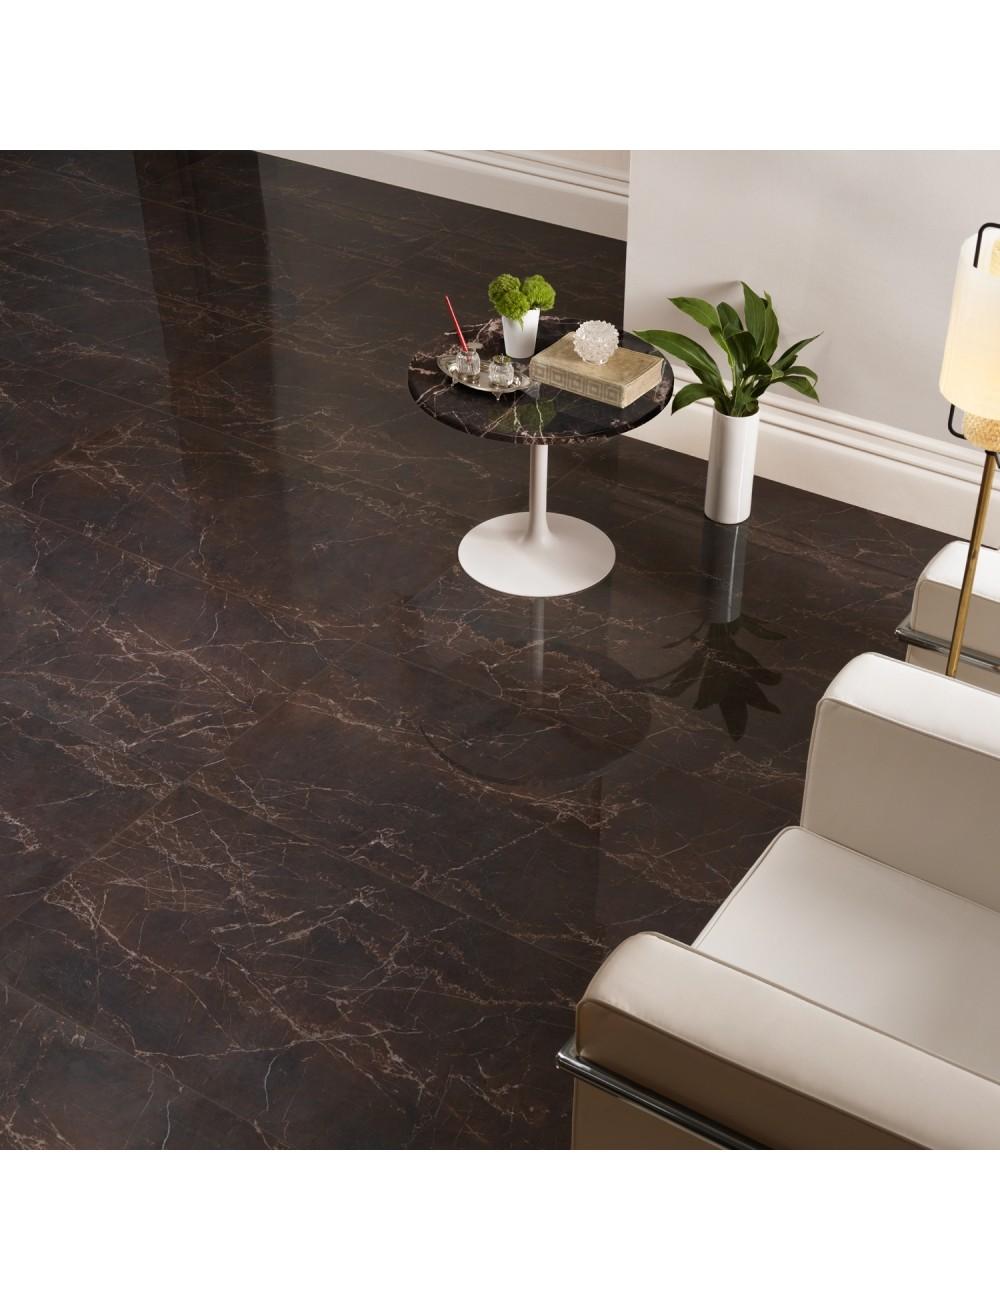 Gres Effetto Marmo Lucido Color Marrone Per Un Pavimento Elegante